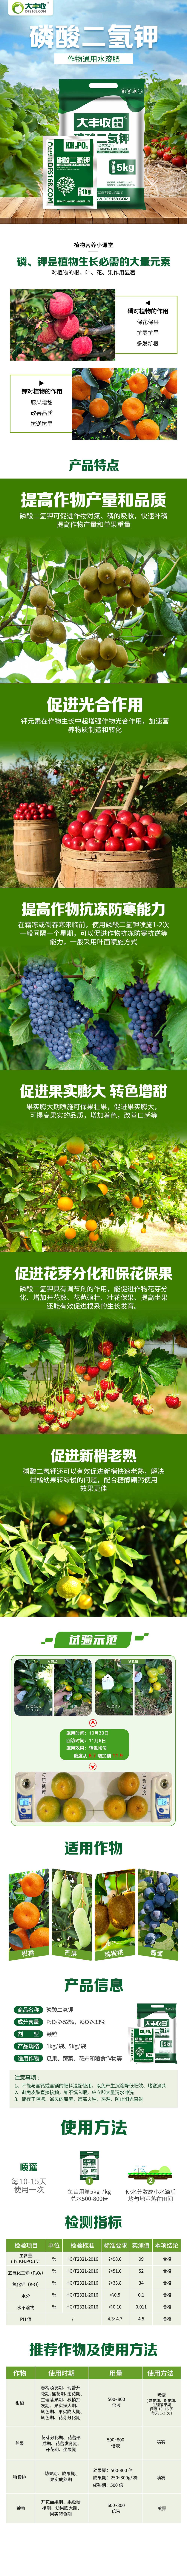 磷酸二氢钾农版_副本.jpg